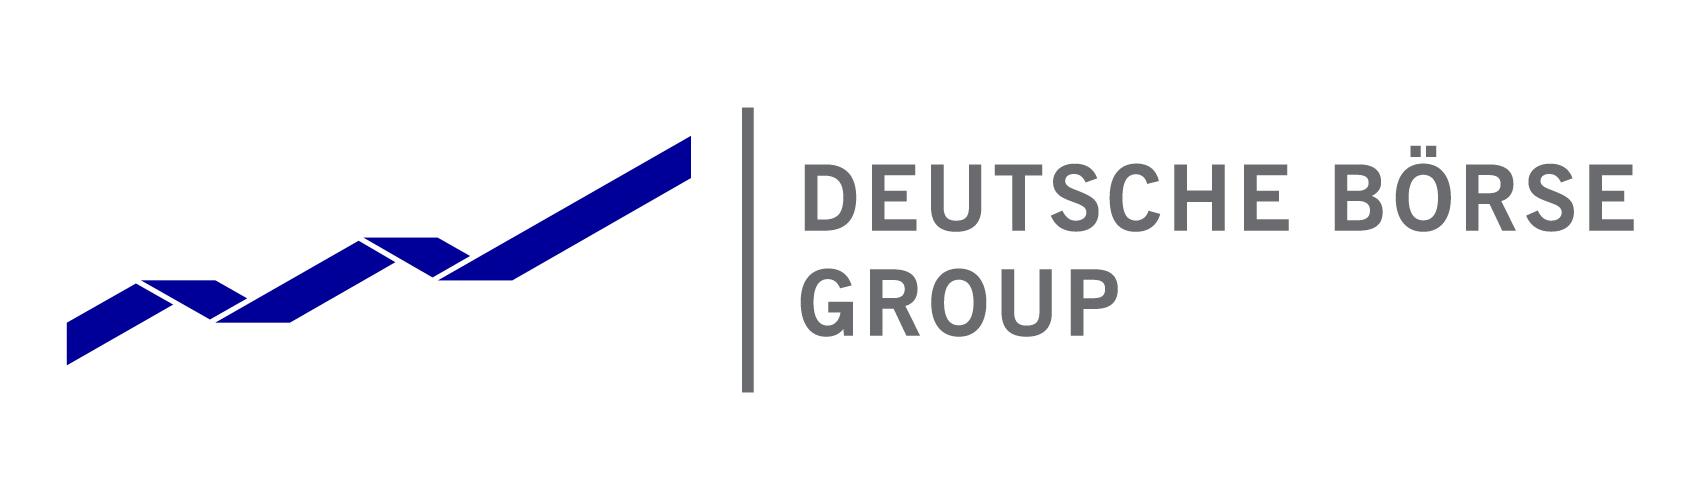 Gruppe Deutsche Börse